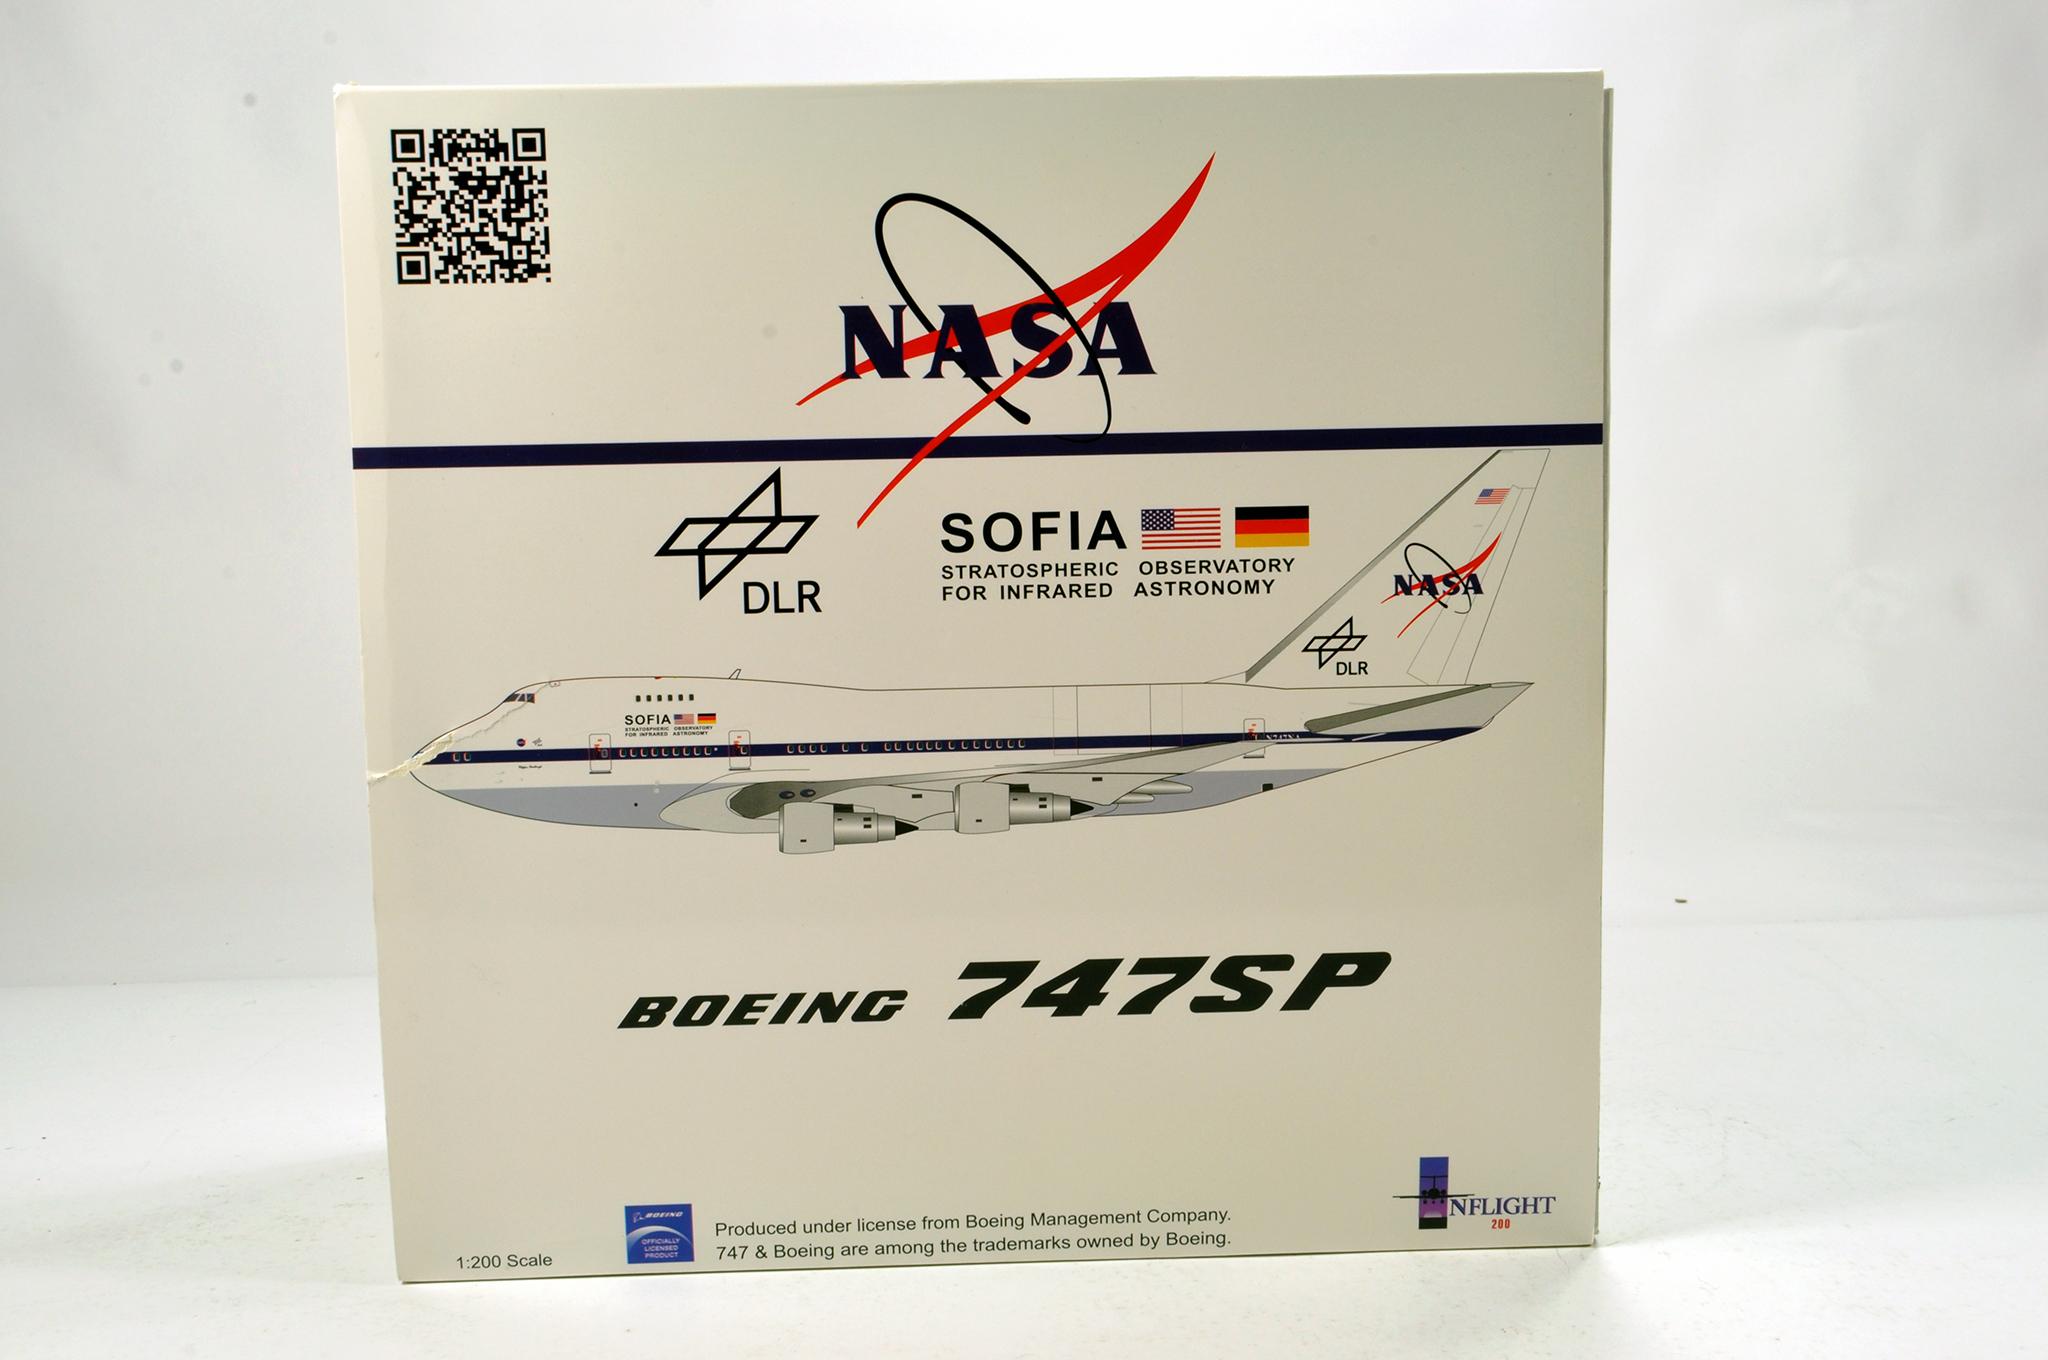 Lot 31 - Inflight Models 1/200 Diecast Aircraft Models comprising Boeing 747SP NASA. Graded ex shop stock.